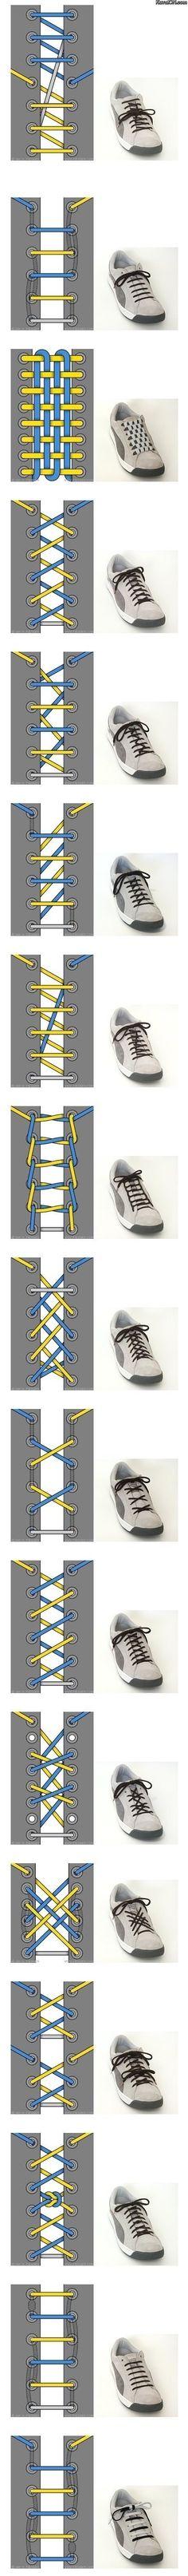 (2012-03) Shoe ties